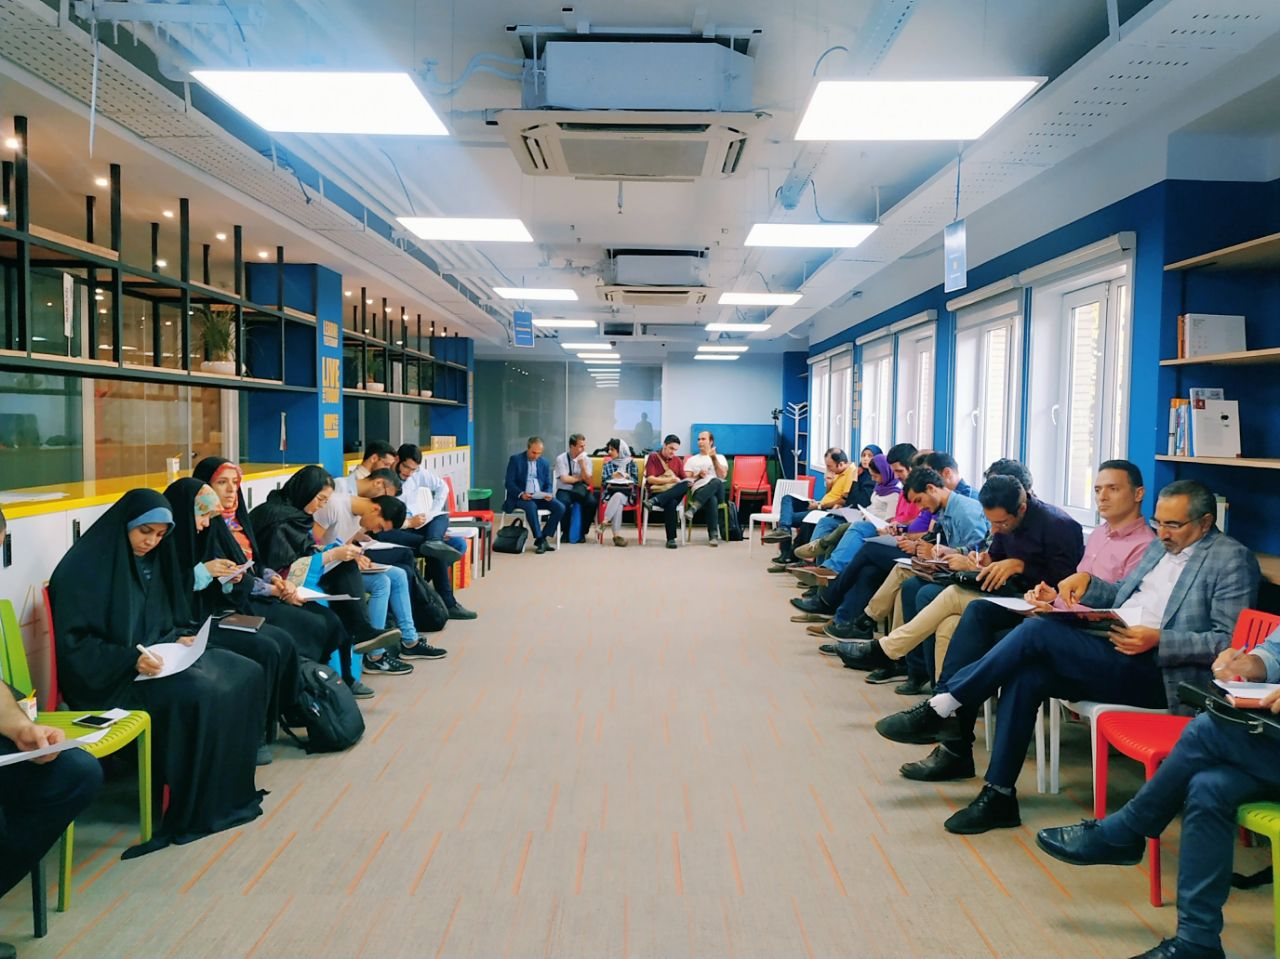 یادگیری تعاملی در آموزشهای کسبوکاری